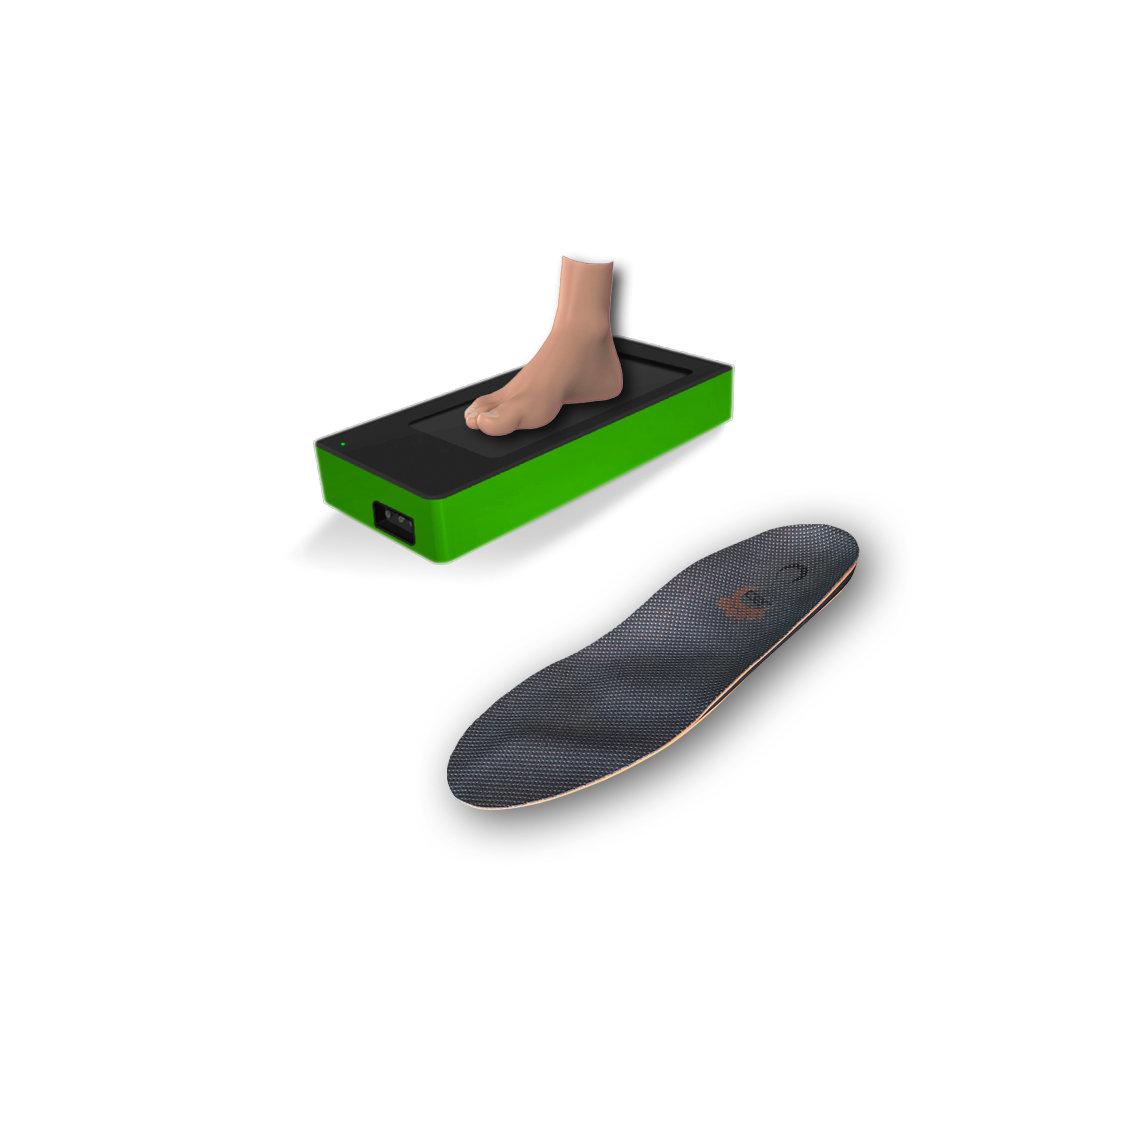 3D scan + 1 pair of custom orthotics